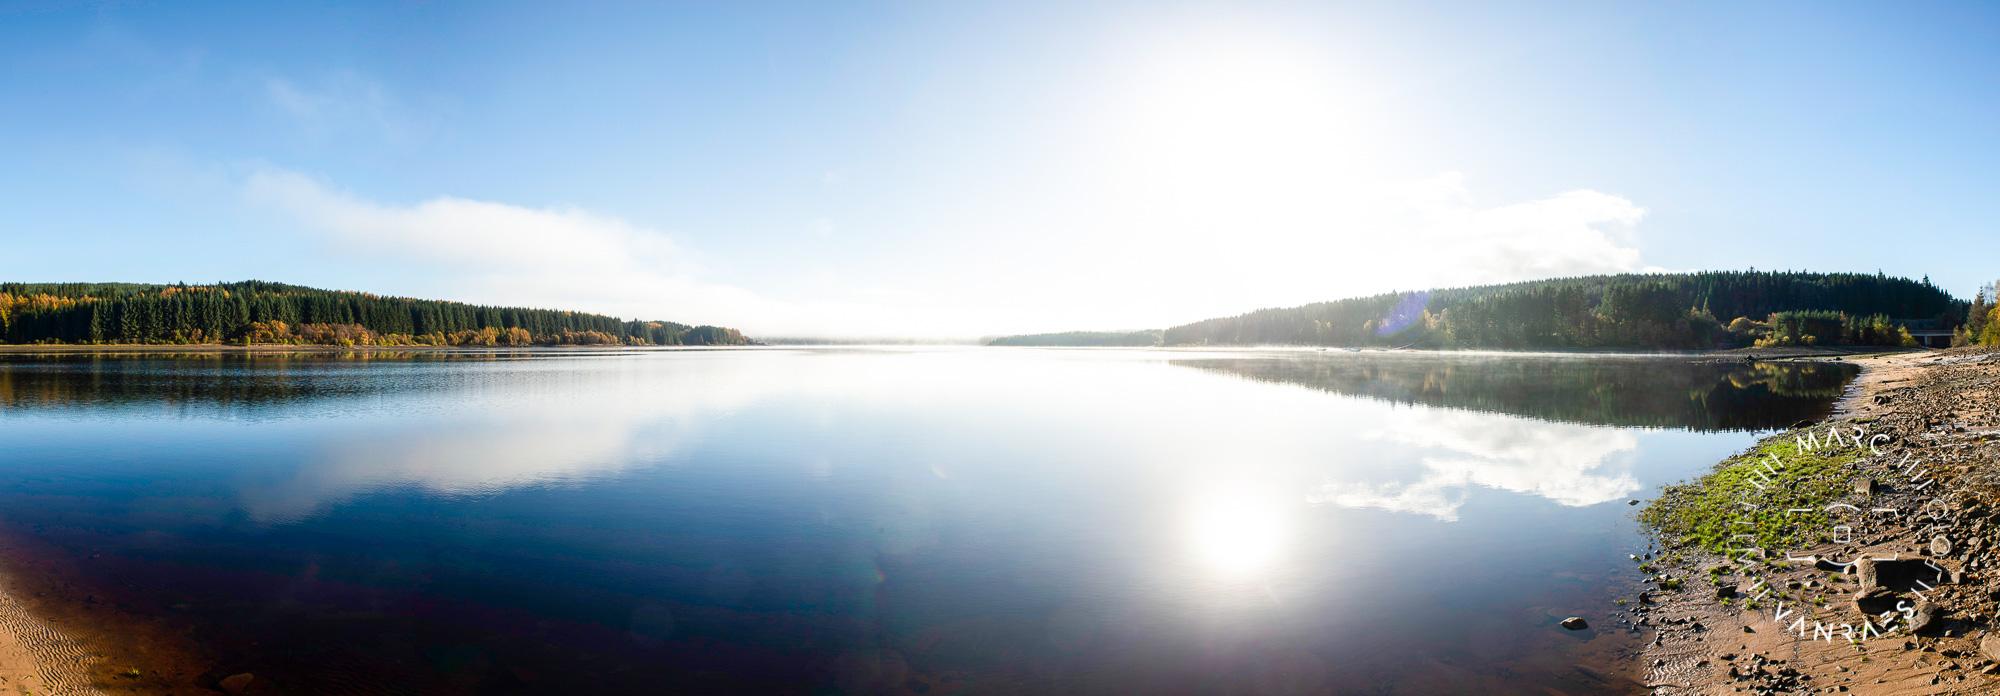 © Deze foto's van Kielder Water 3 - www.marcvanraes.be - 3_